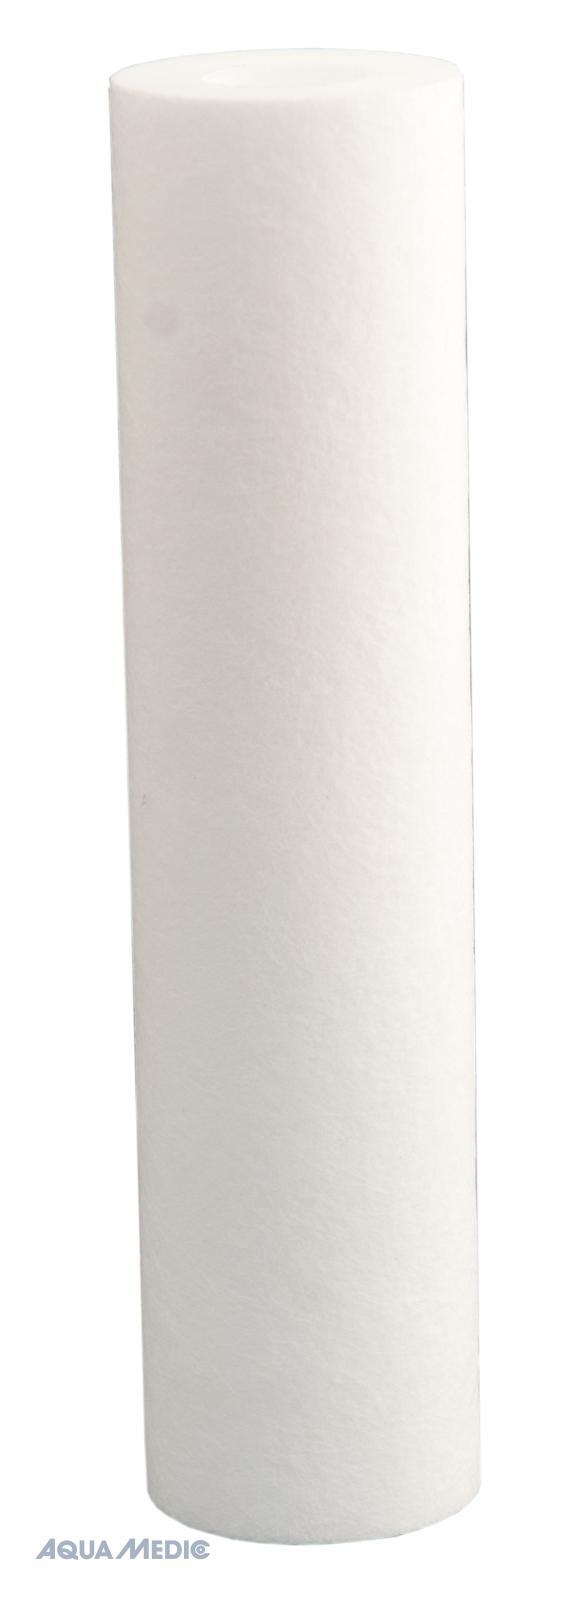 Feinfilter 5μm mit Fittings für easy line